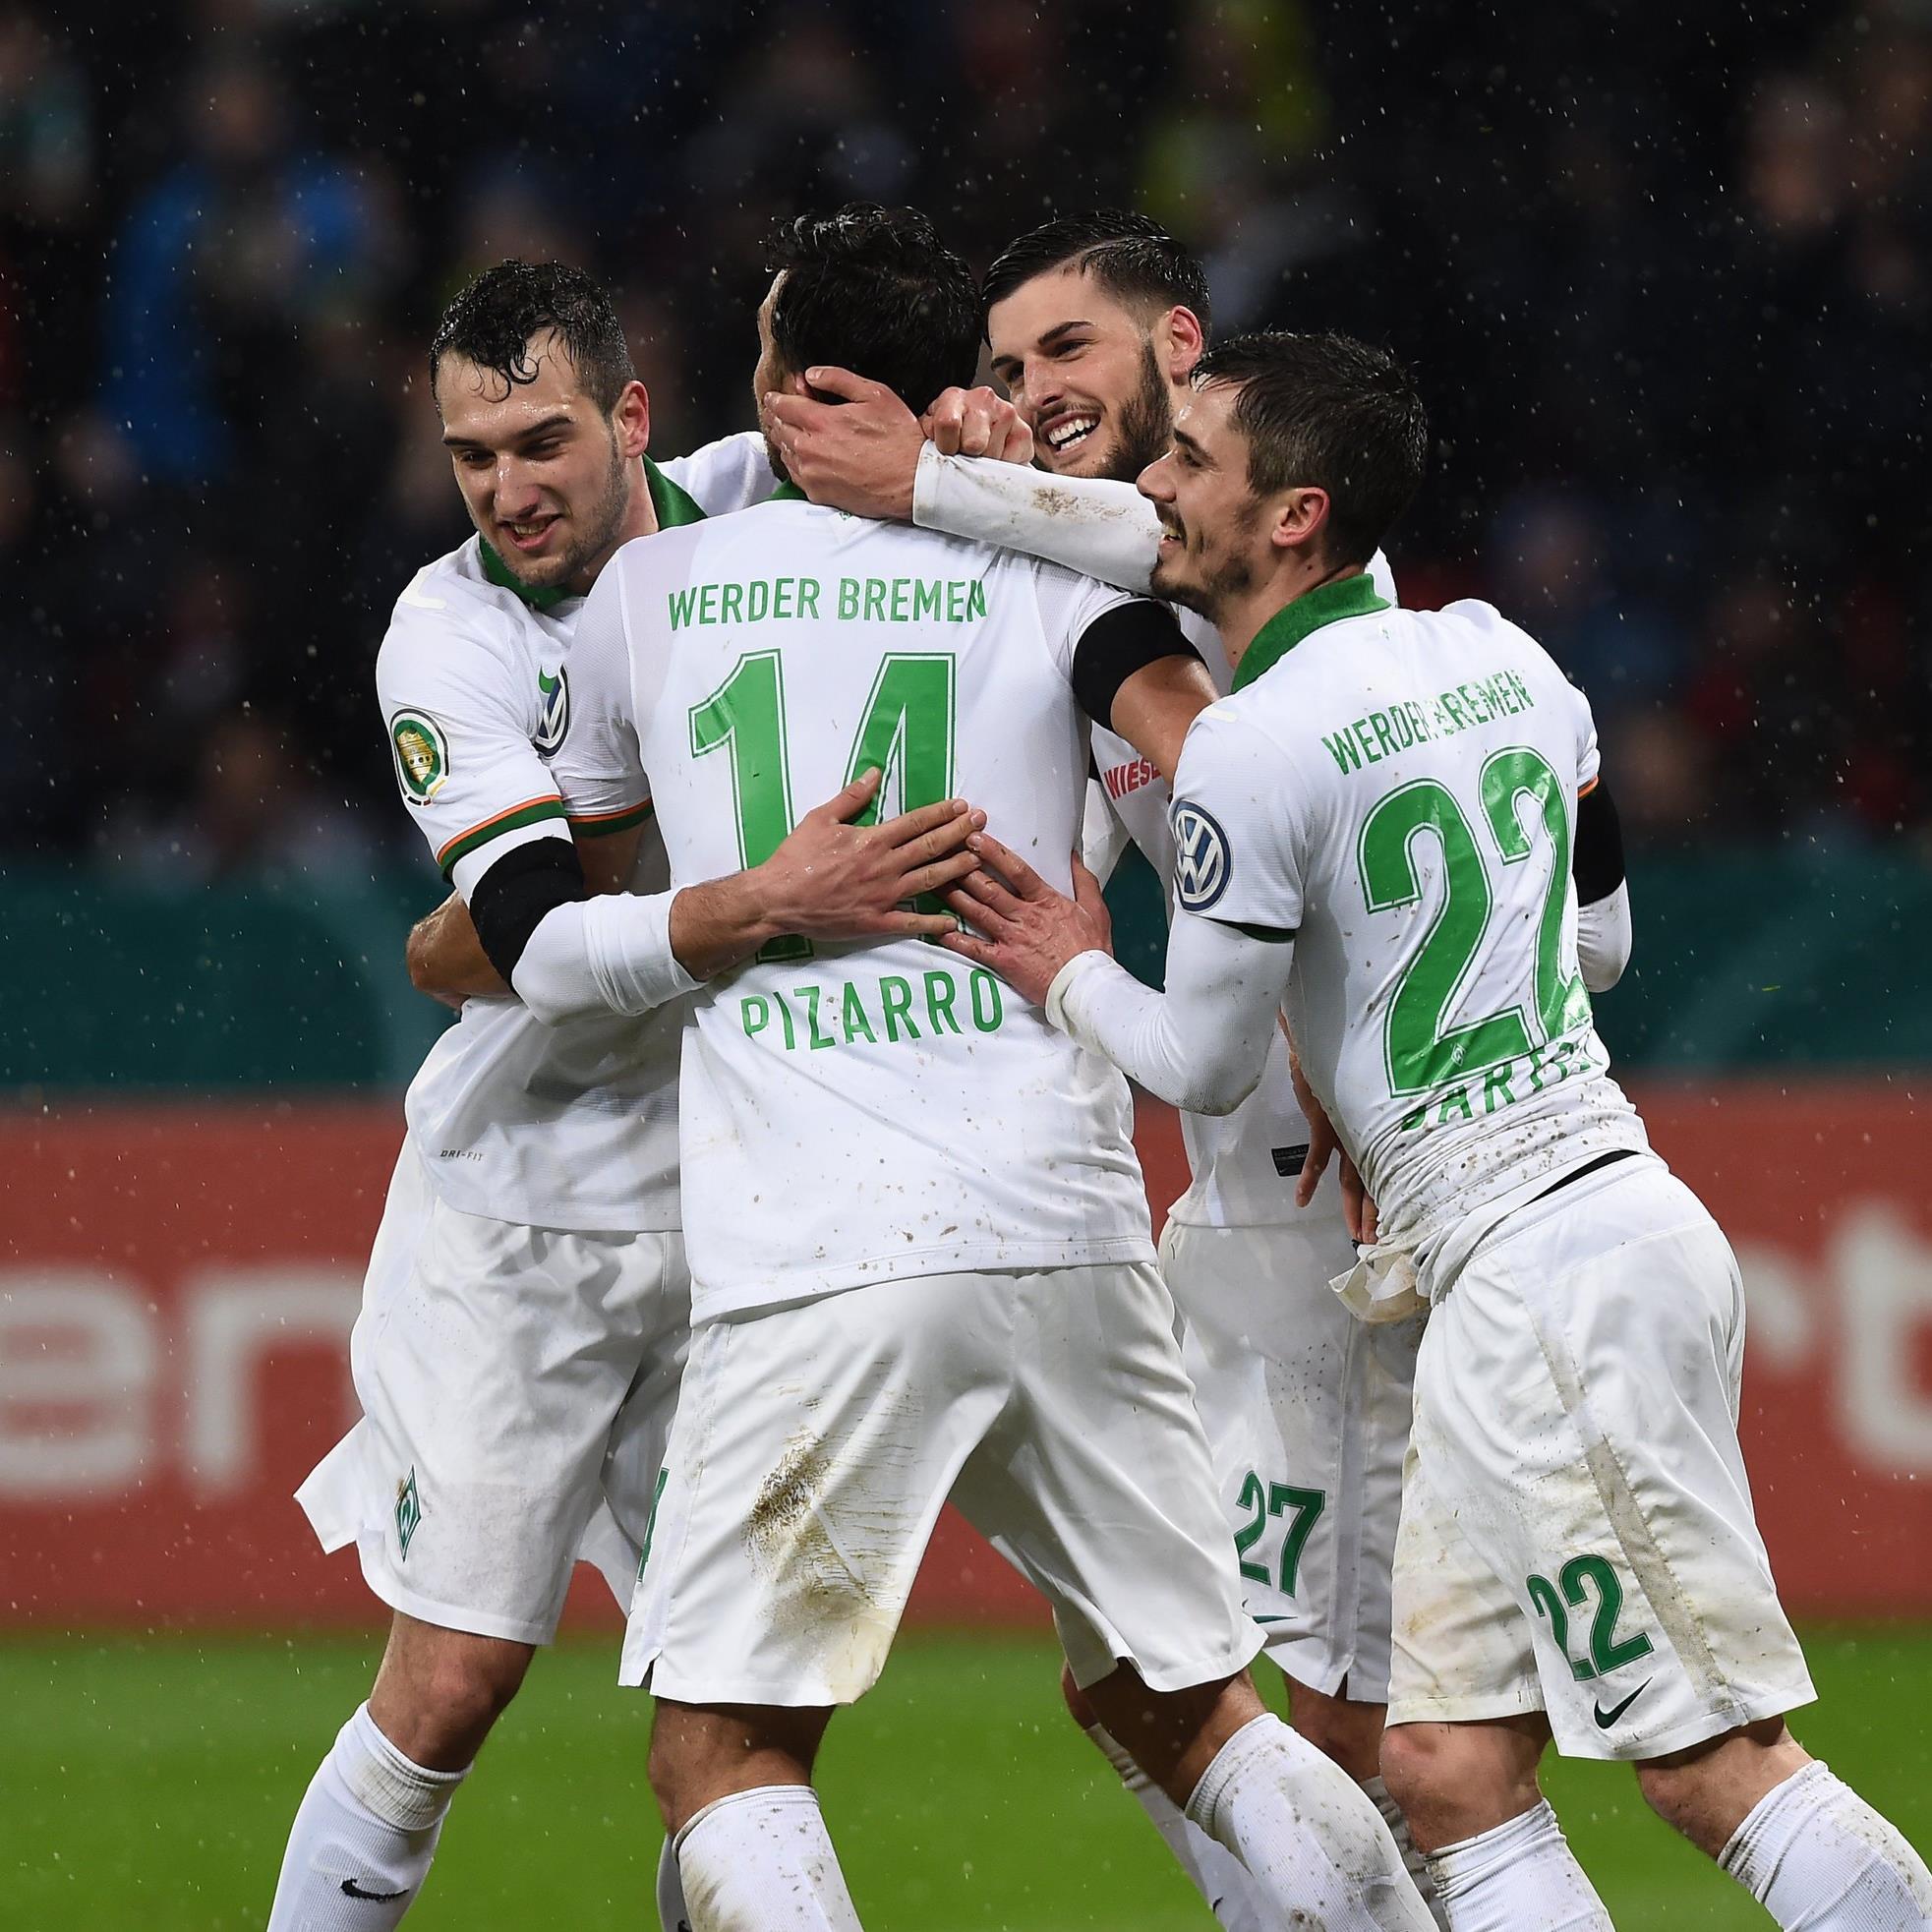 Werder Bremen trifft am Samstag zuhause auf den 1. FSV Mainz 05.